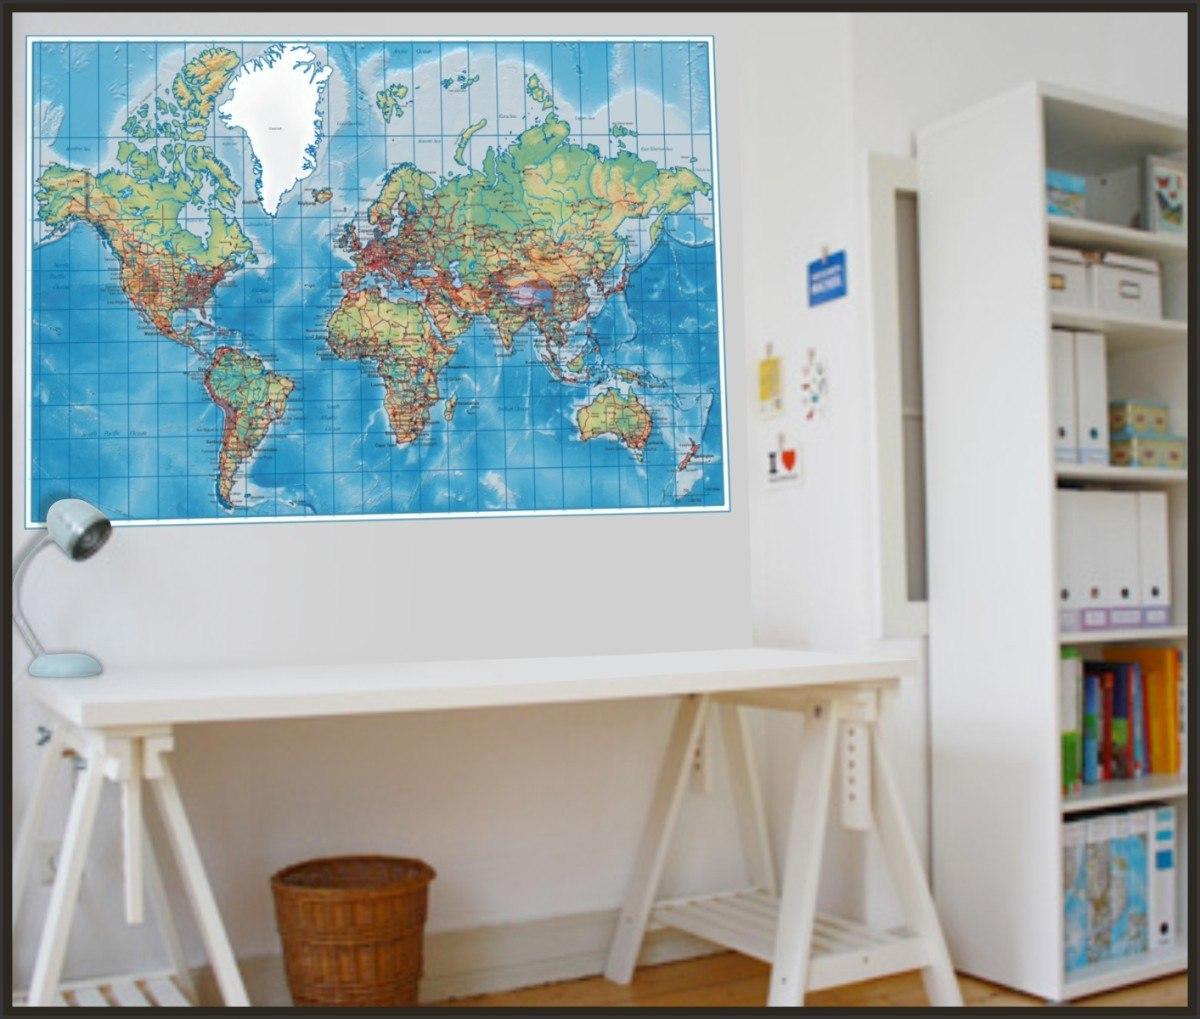 Adesivo De Parede Espelhado ~ Adesivo Decorativo Para Paredes, Mapa Mundi Político Tam